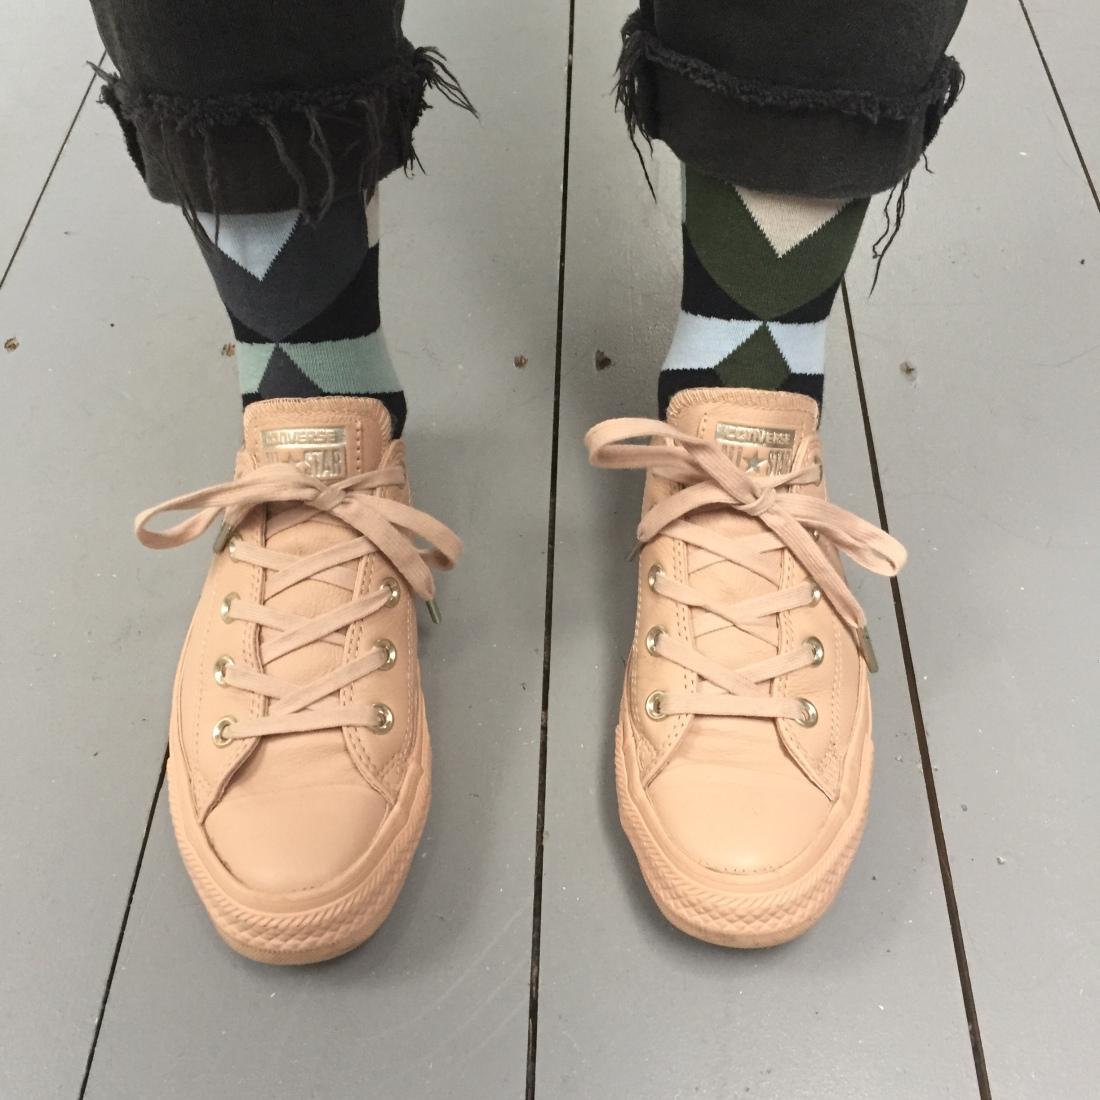 EnBrogue wearing Solo Socks